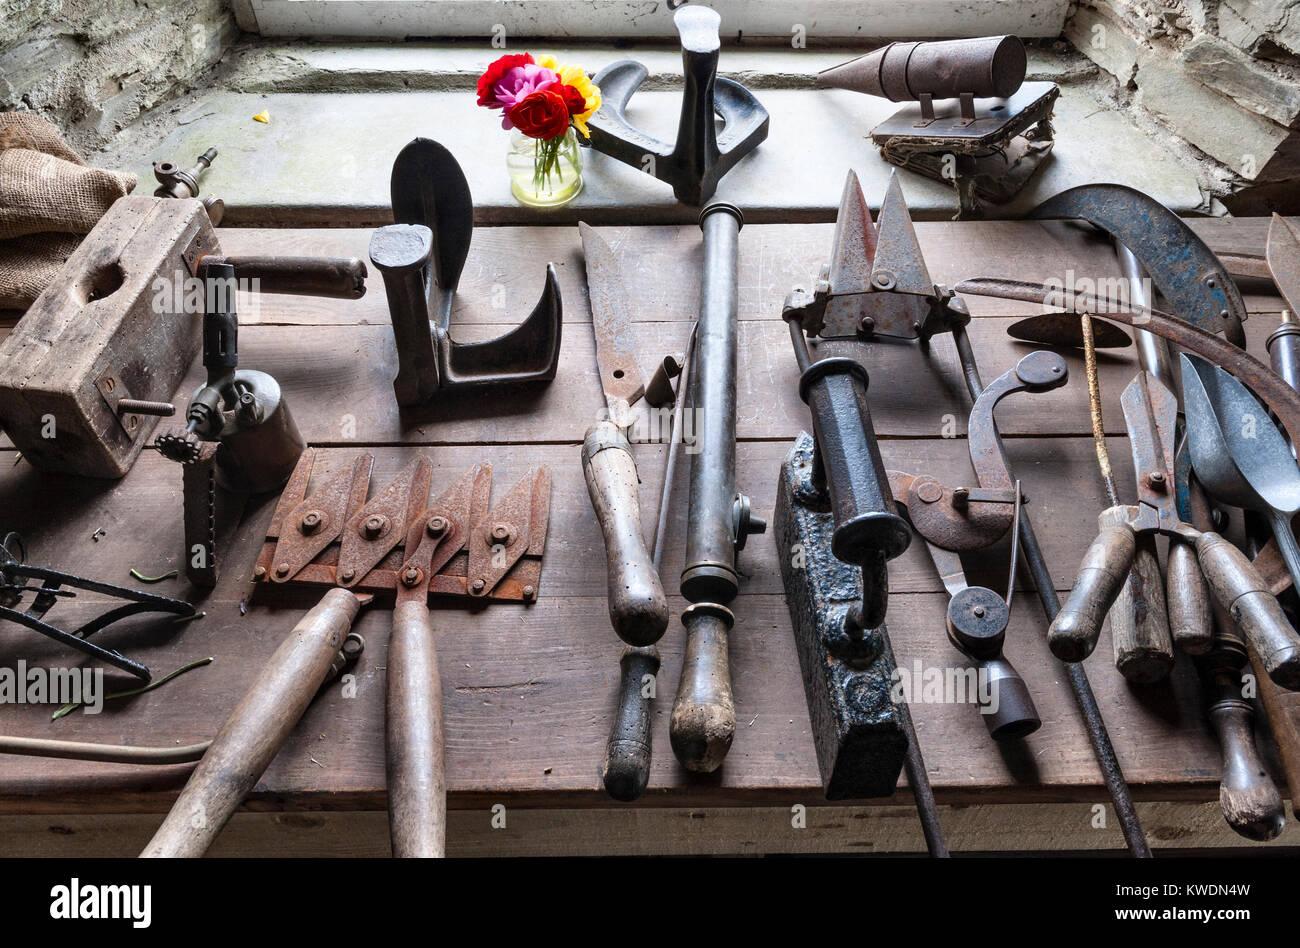 Die Lost Gardens of Heligan, Cornwall, UK. Antike Garten Werkzeuge in einem der alten Gartenhäuser Stockbild